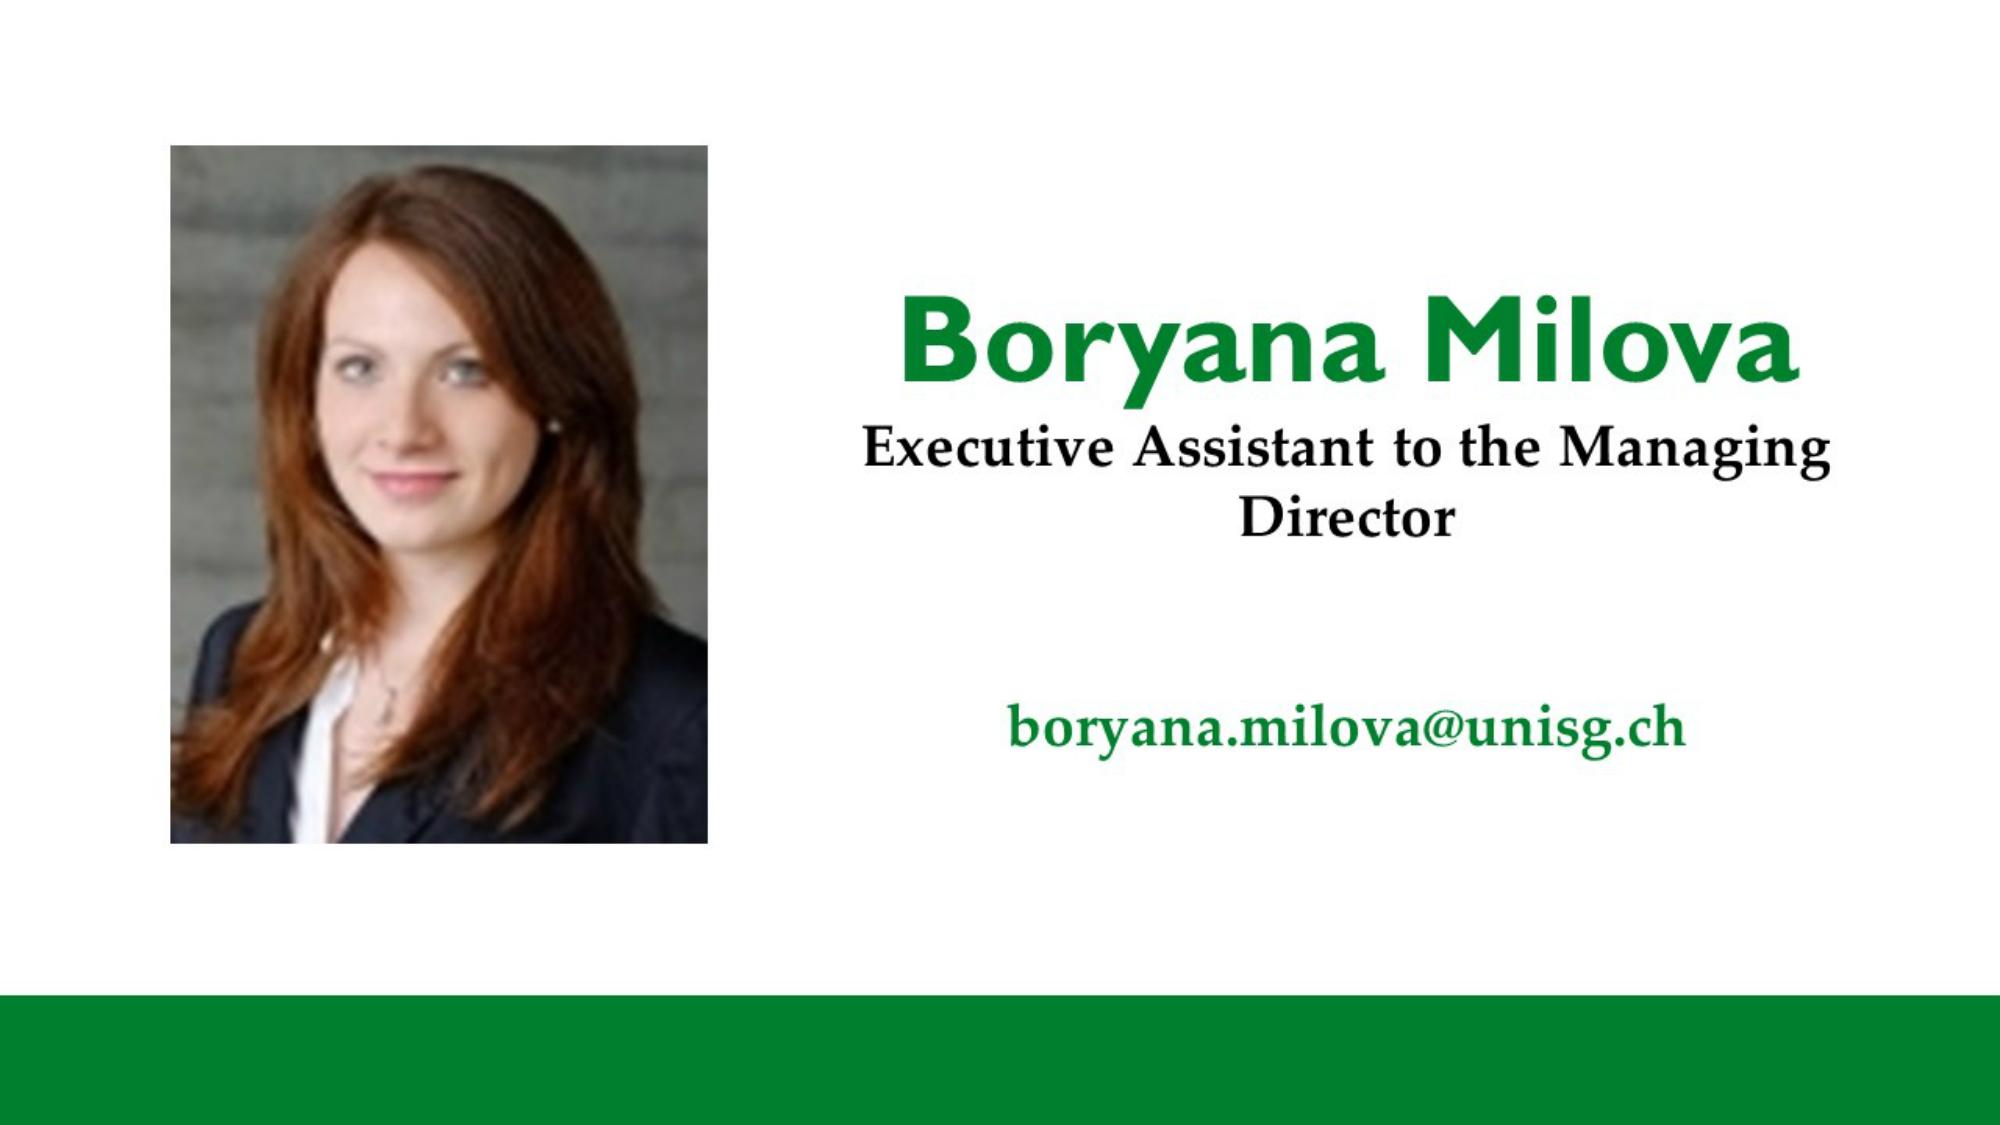 Boryana Milova